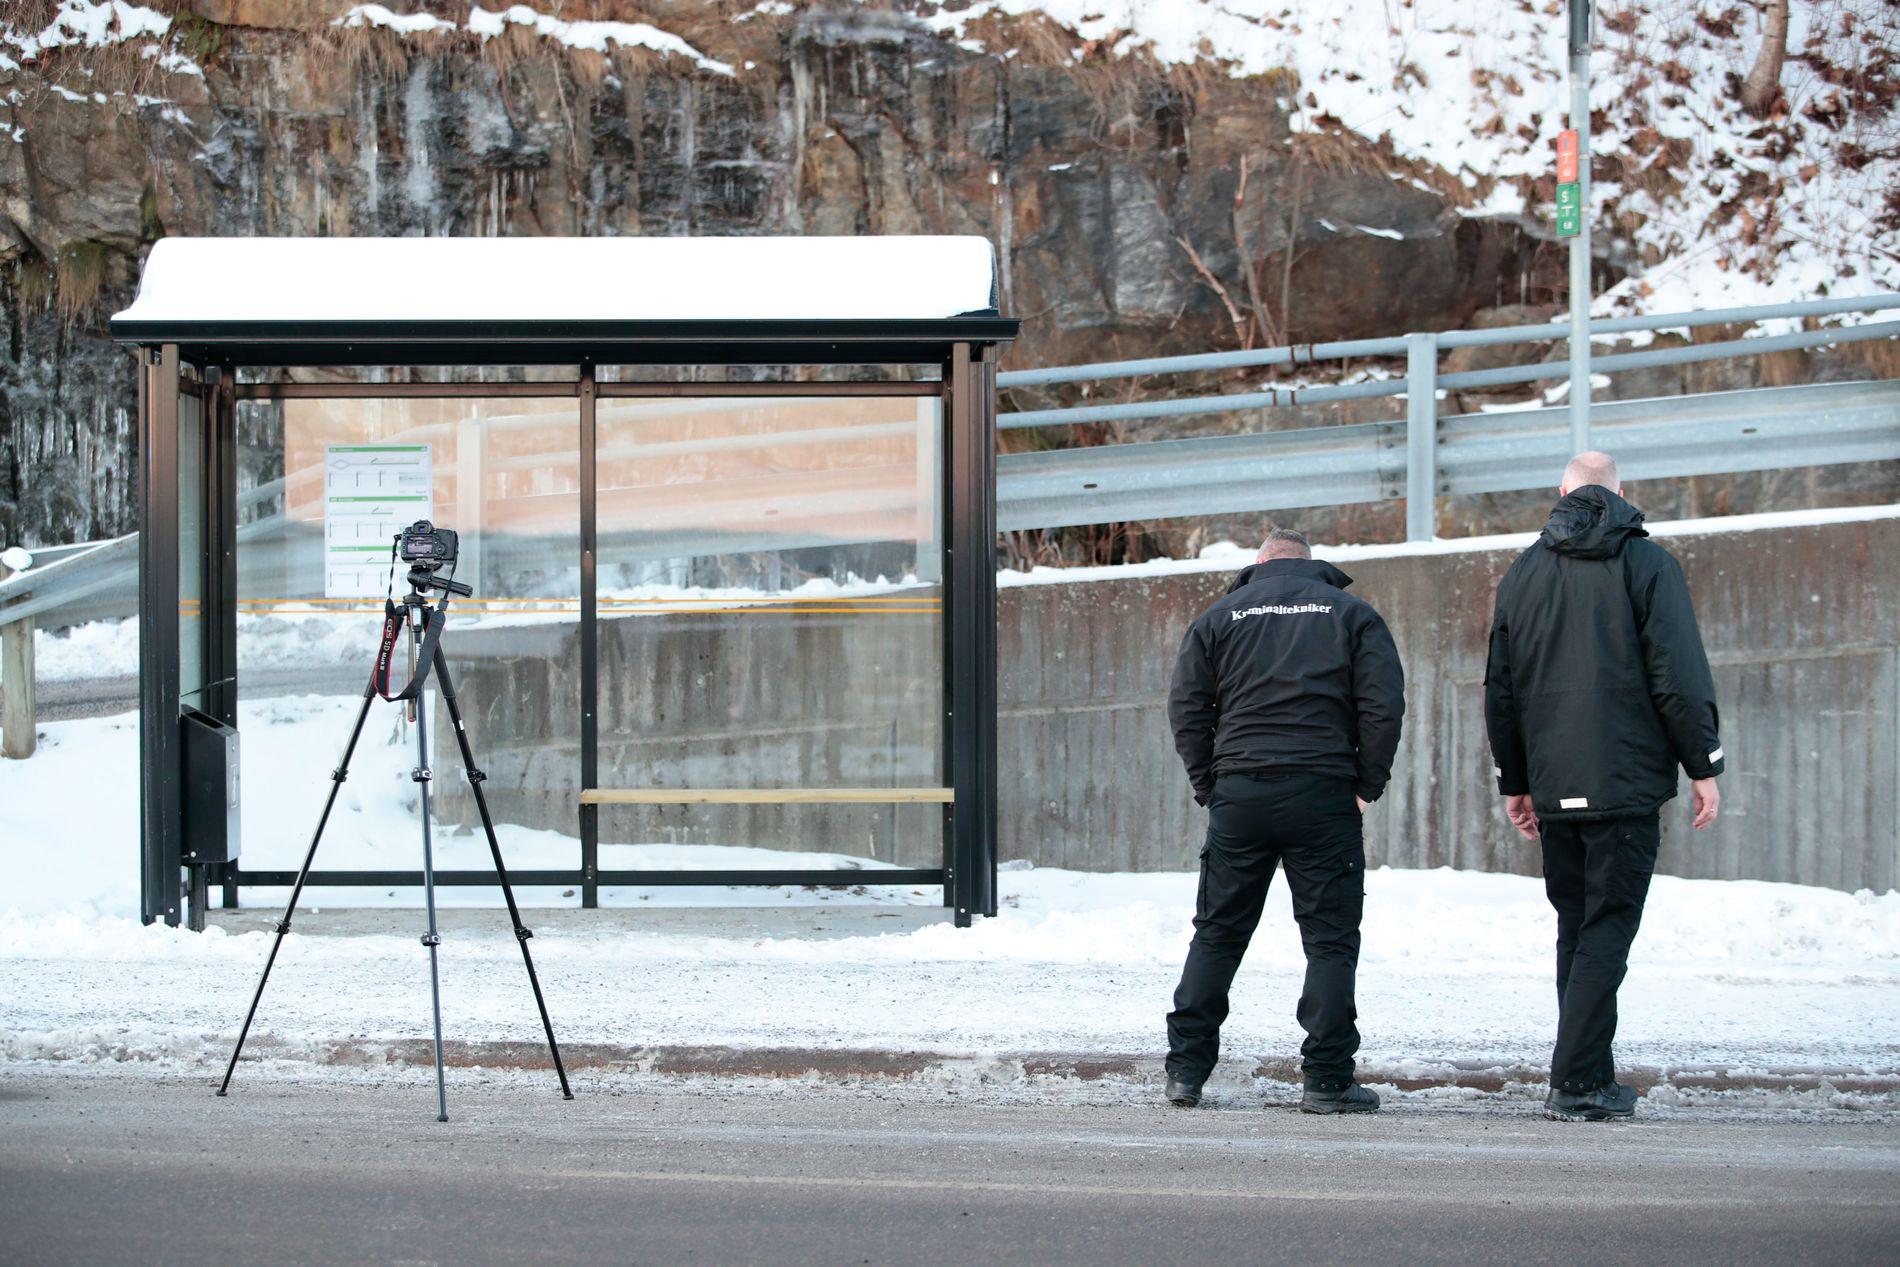 ÅSTEDET: Politiet har sperret av området der en kvinne ble knivstukket i Rælingen i Akershus mandag morgen.